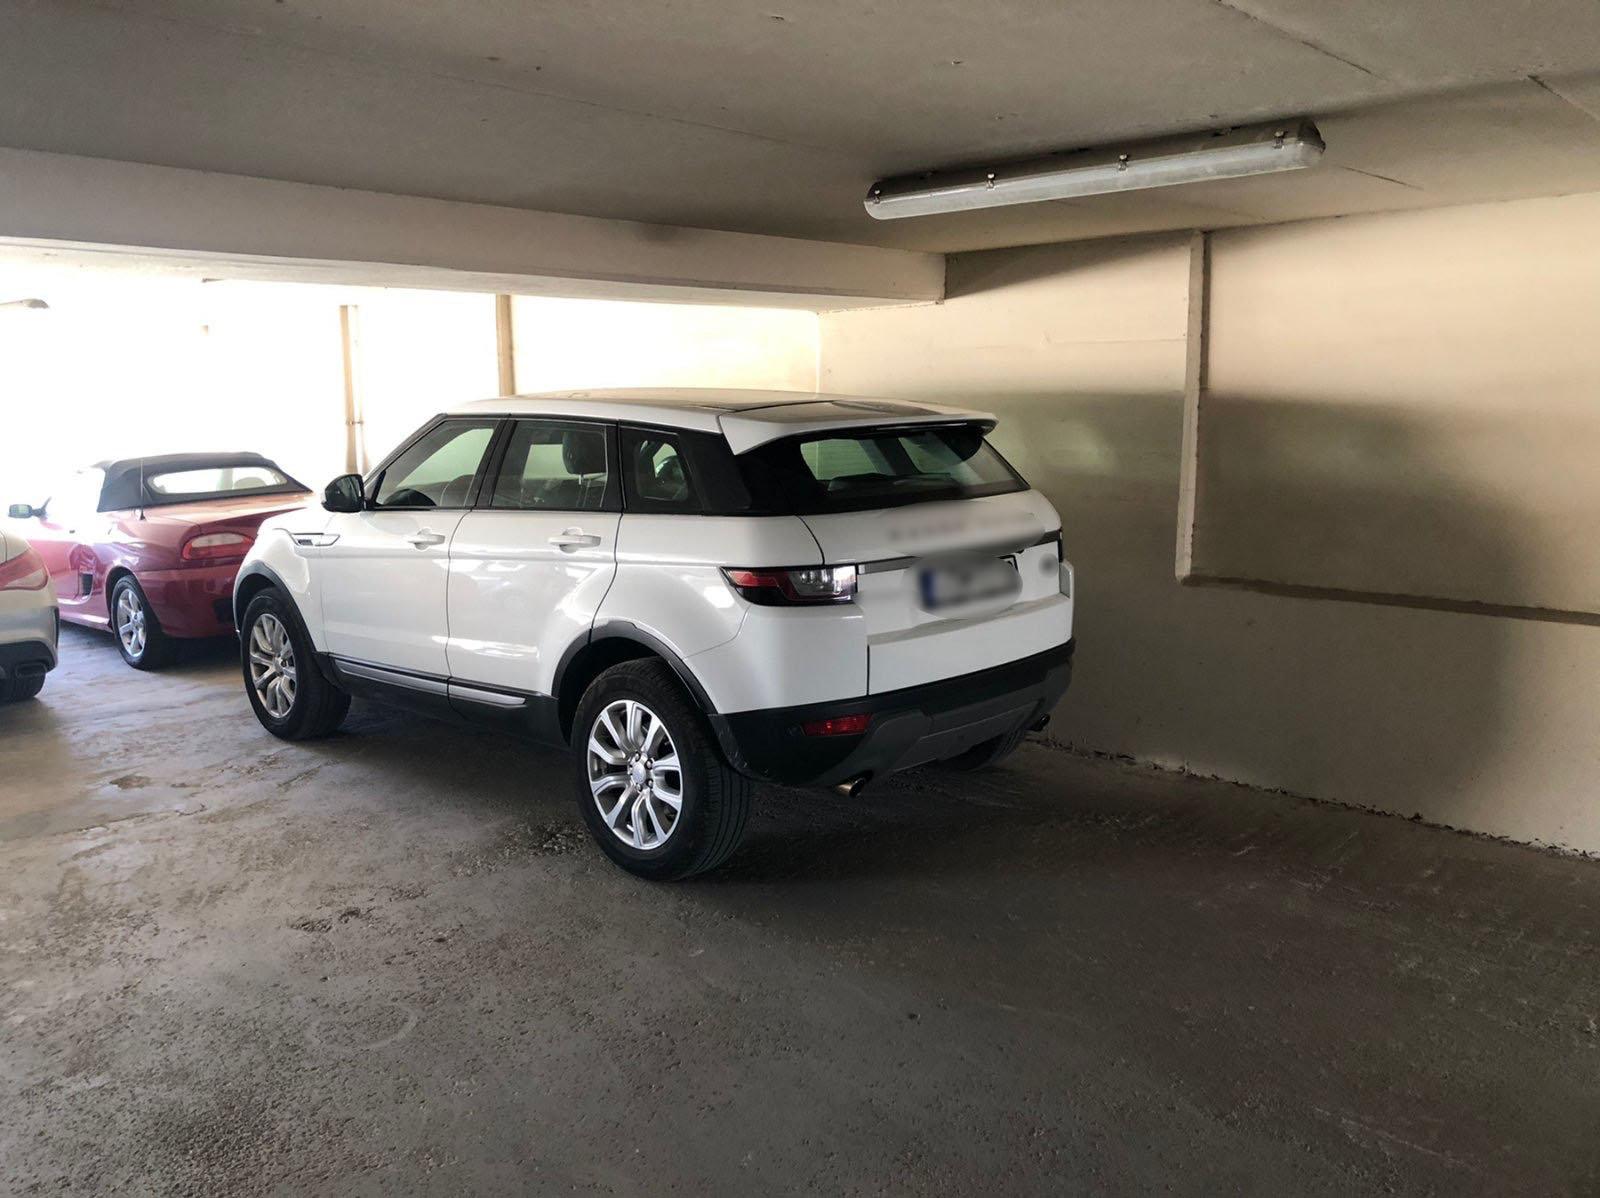 Attiki_stolen_vehicles_0007